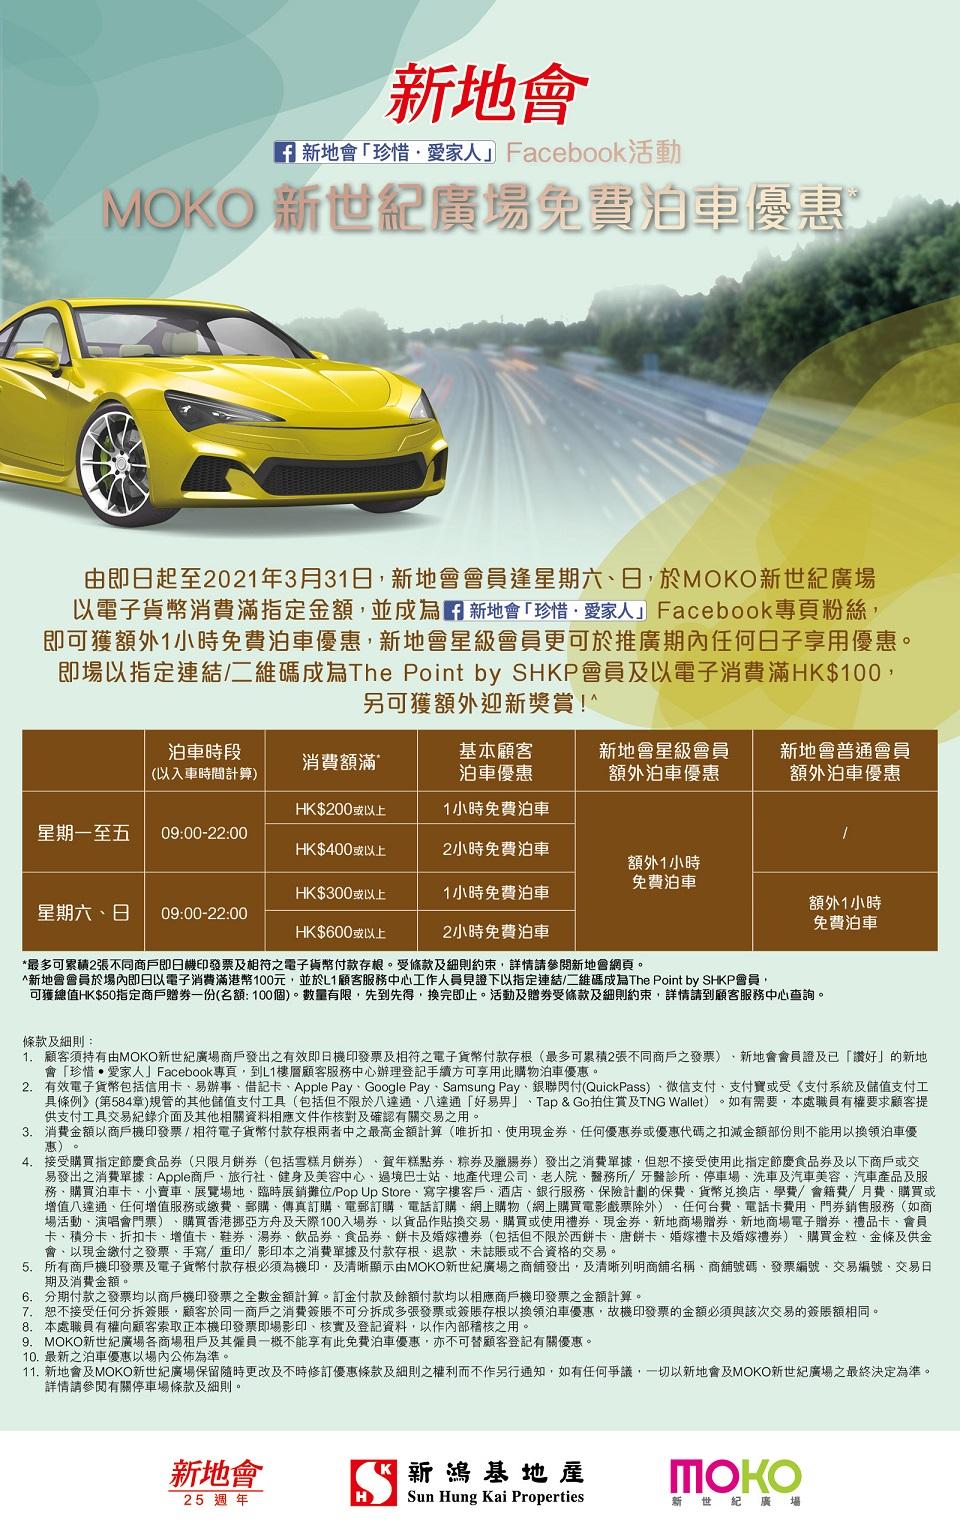 新世紀廣場 MOKO 免費泊車優惠 新地會會員額外一小時